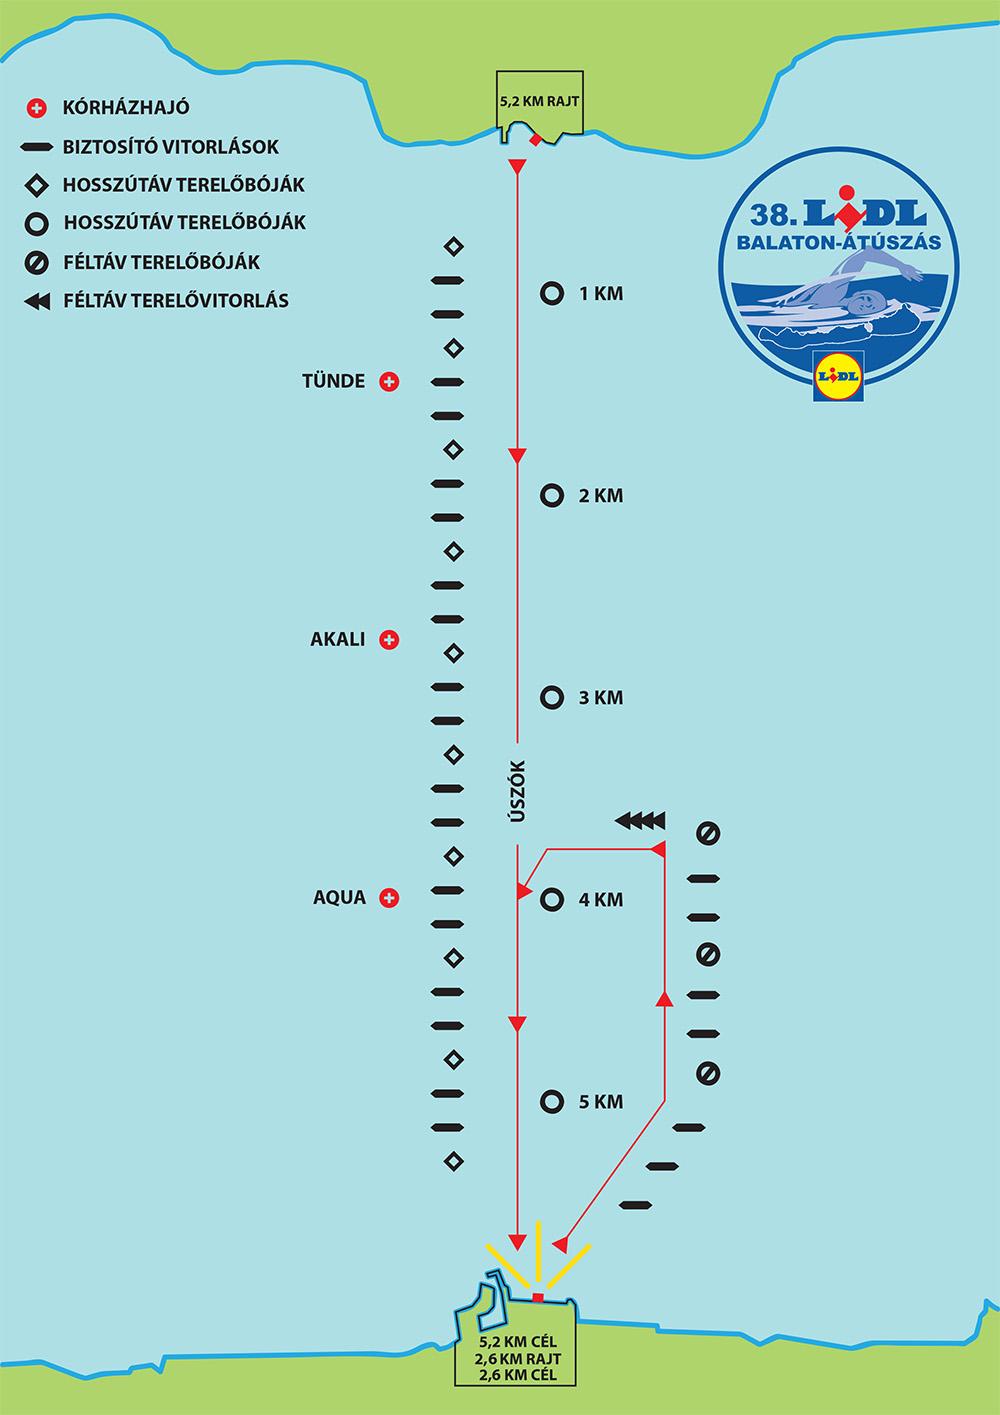 Lidl Balaton-átúszás úszófolyosó 2020